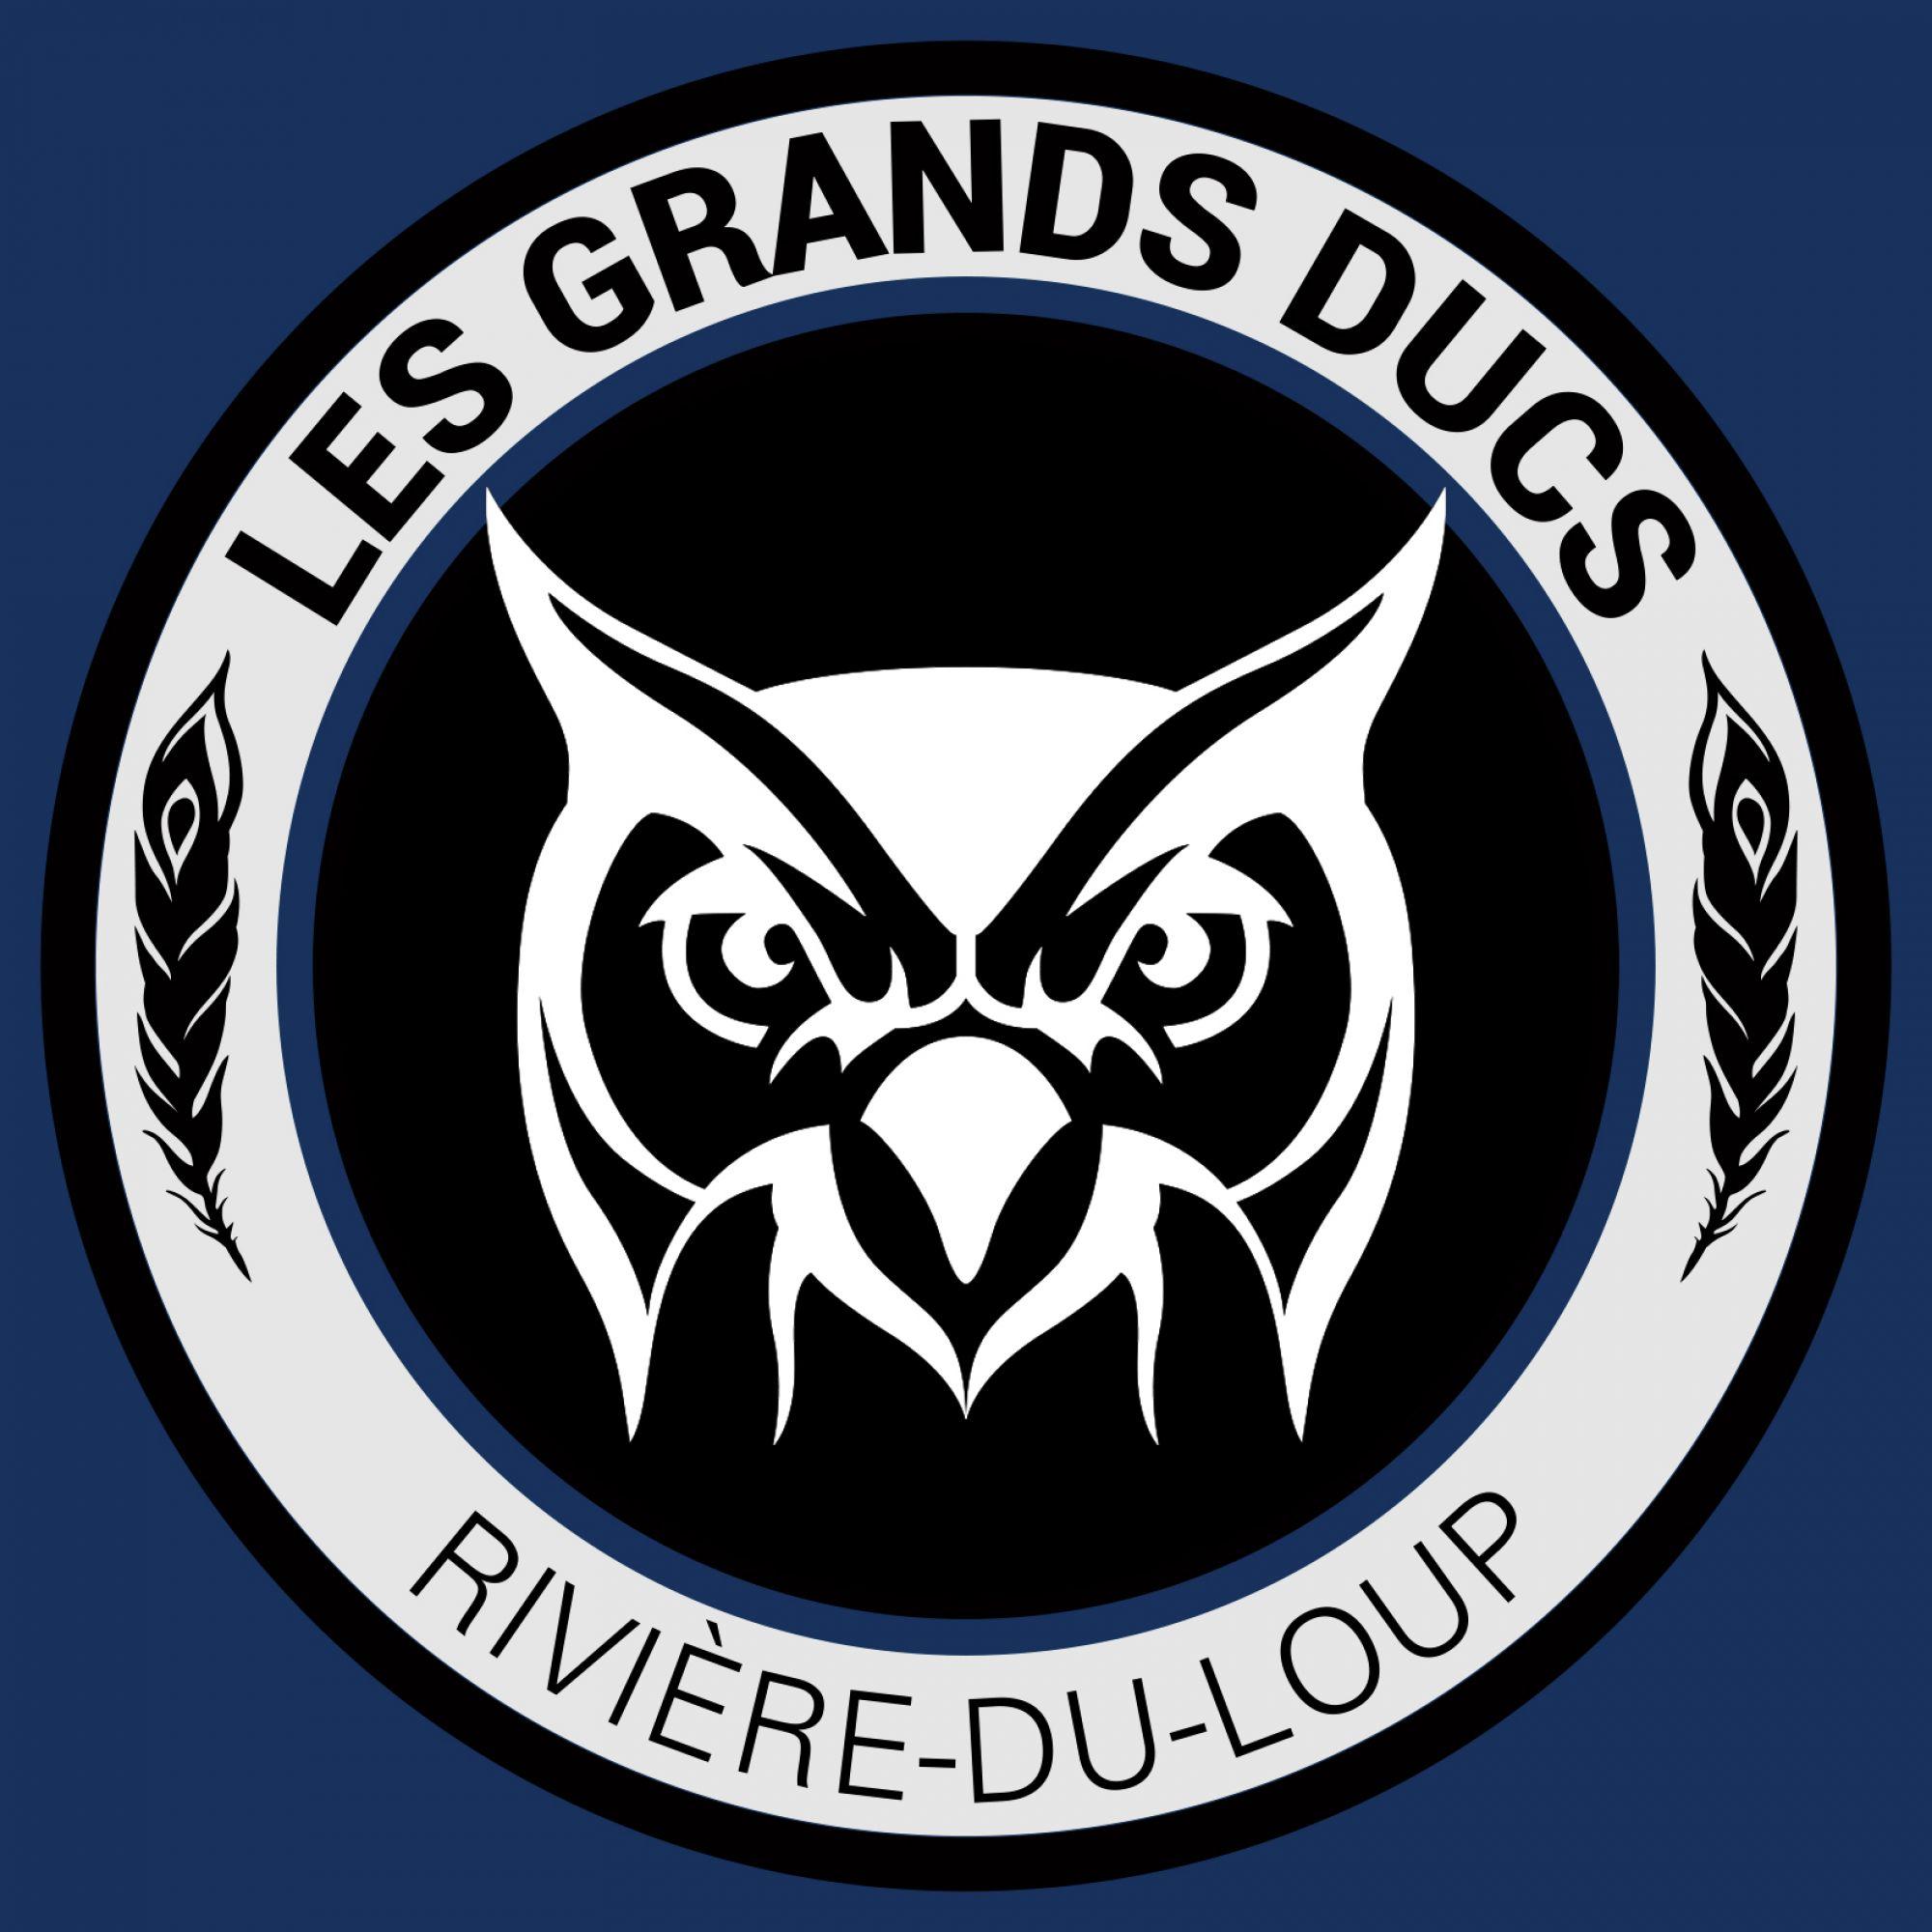 Les Grands Ducs RDL_fondbleu